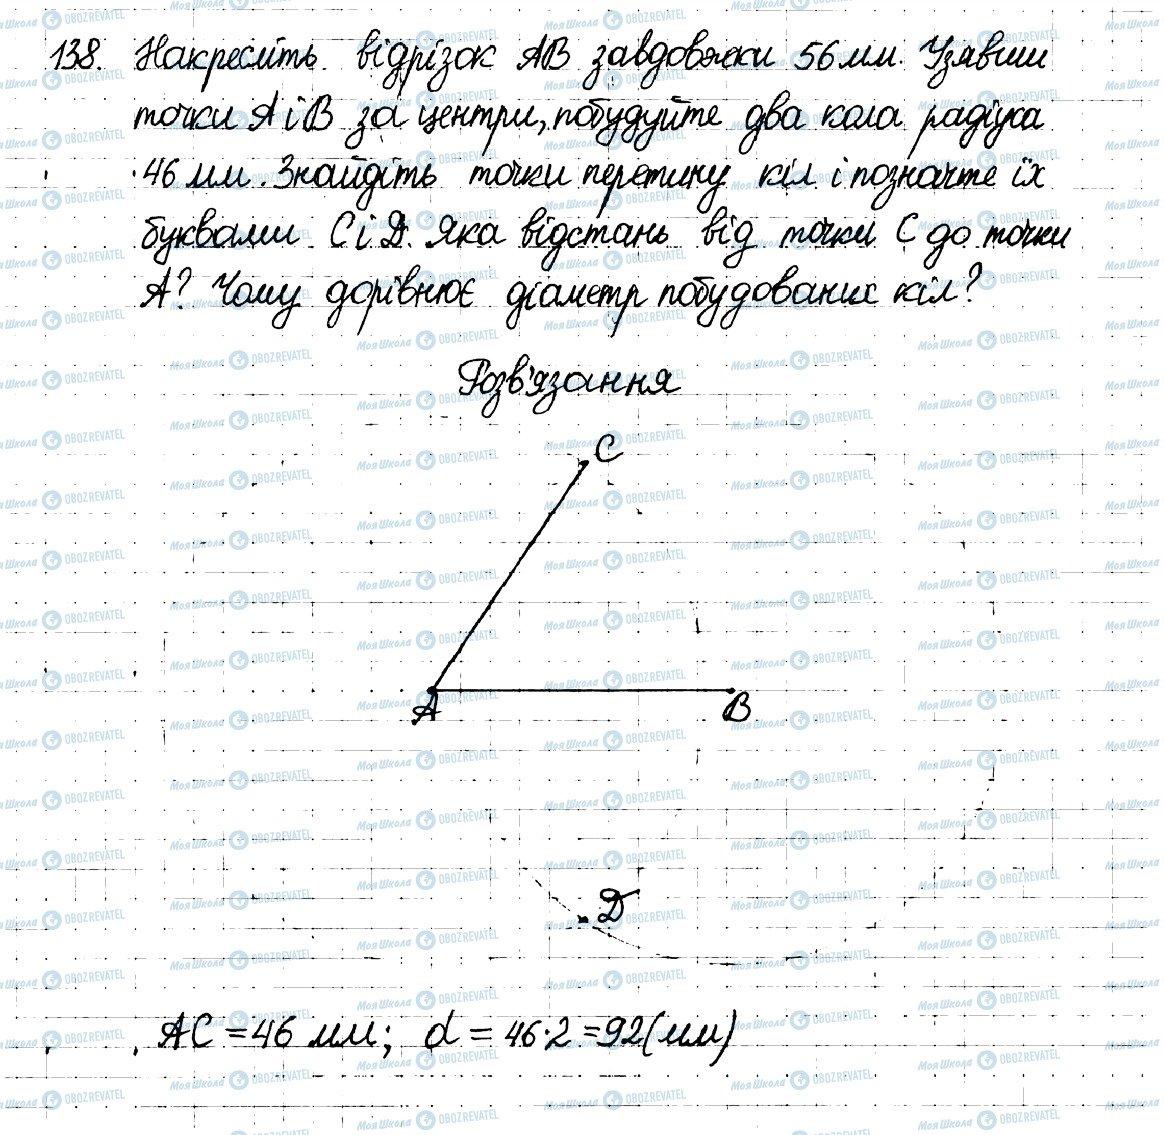 ГДЗ Математика 6 класс страница 138